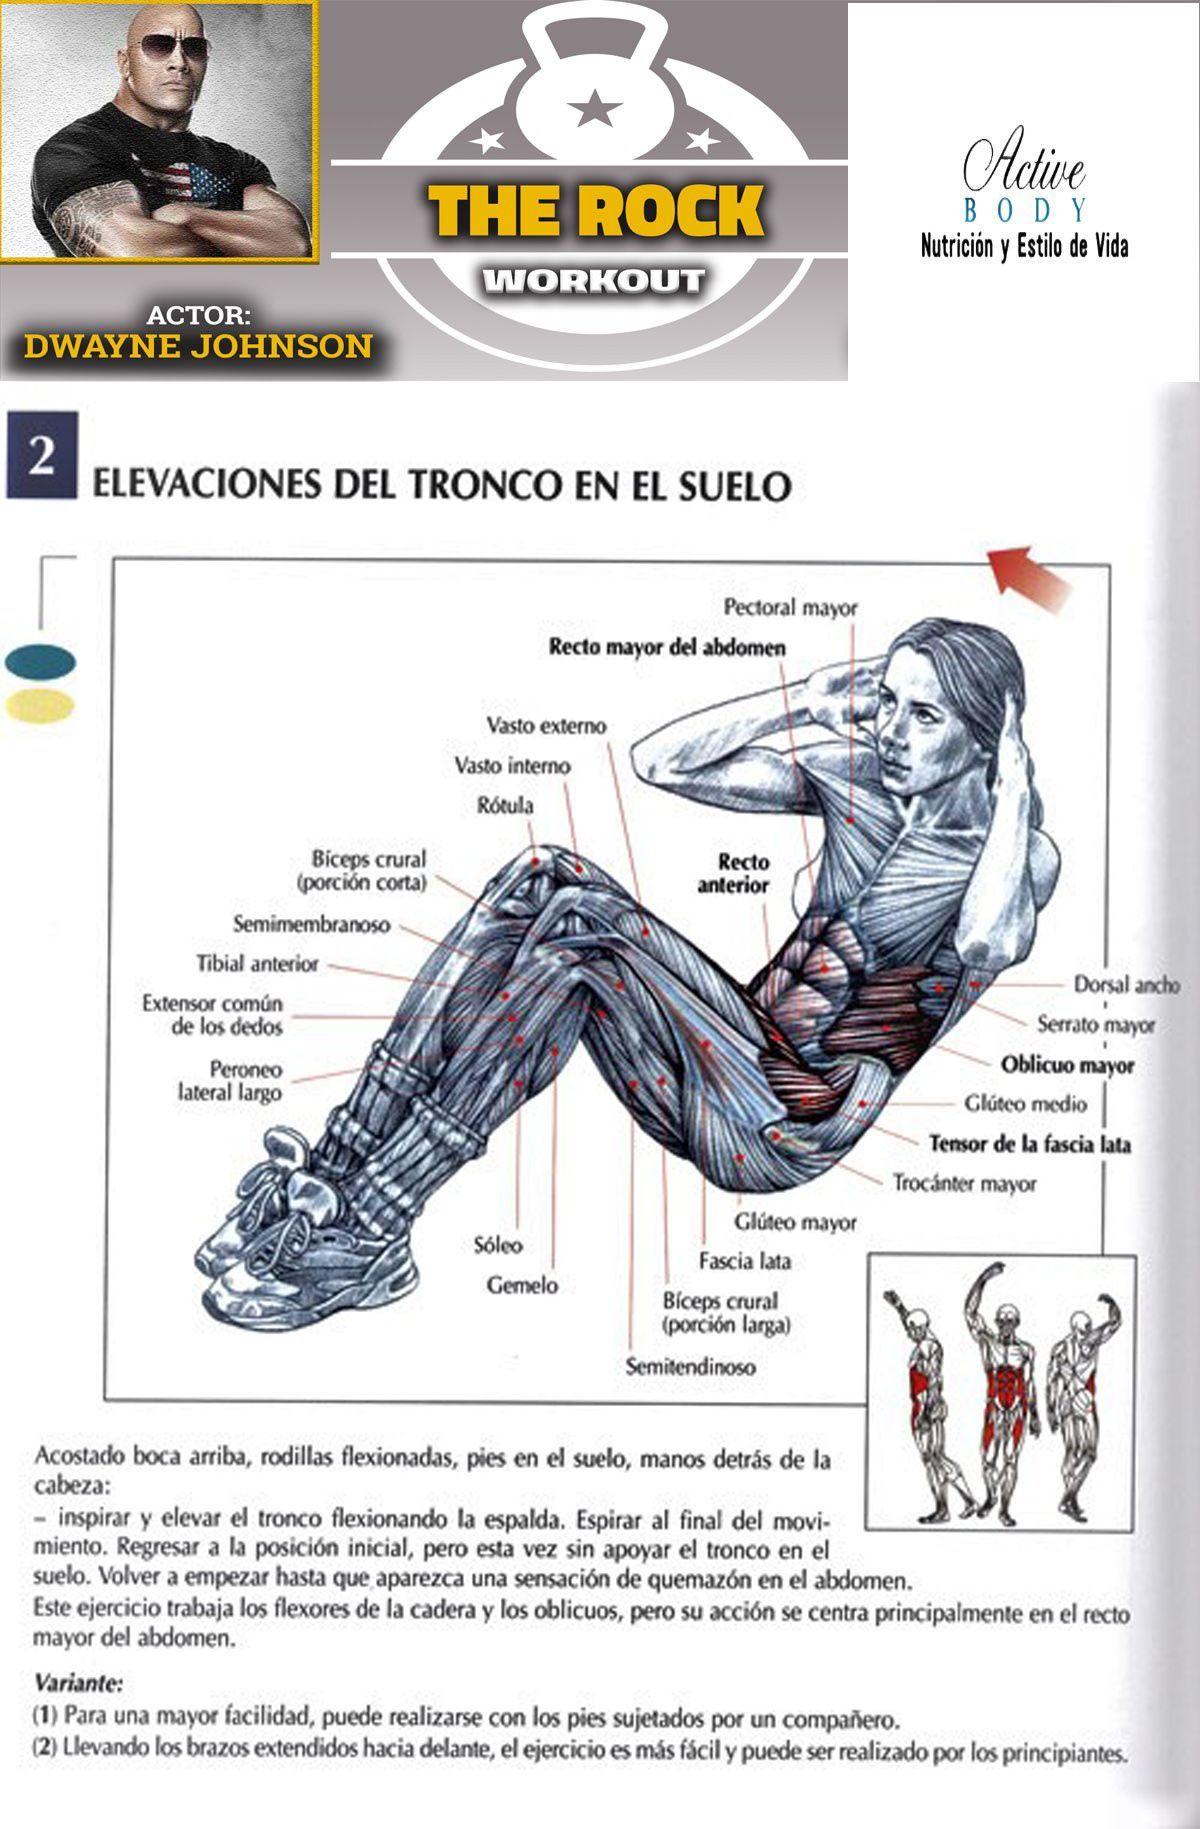 Los Mejores Ejercicios Para Tonificar El Abdomen Active Body Nutrición Salud Y Fitness Fit Board Workouts Exercise Abdomen Core Workout